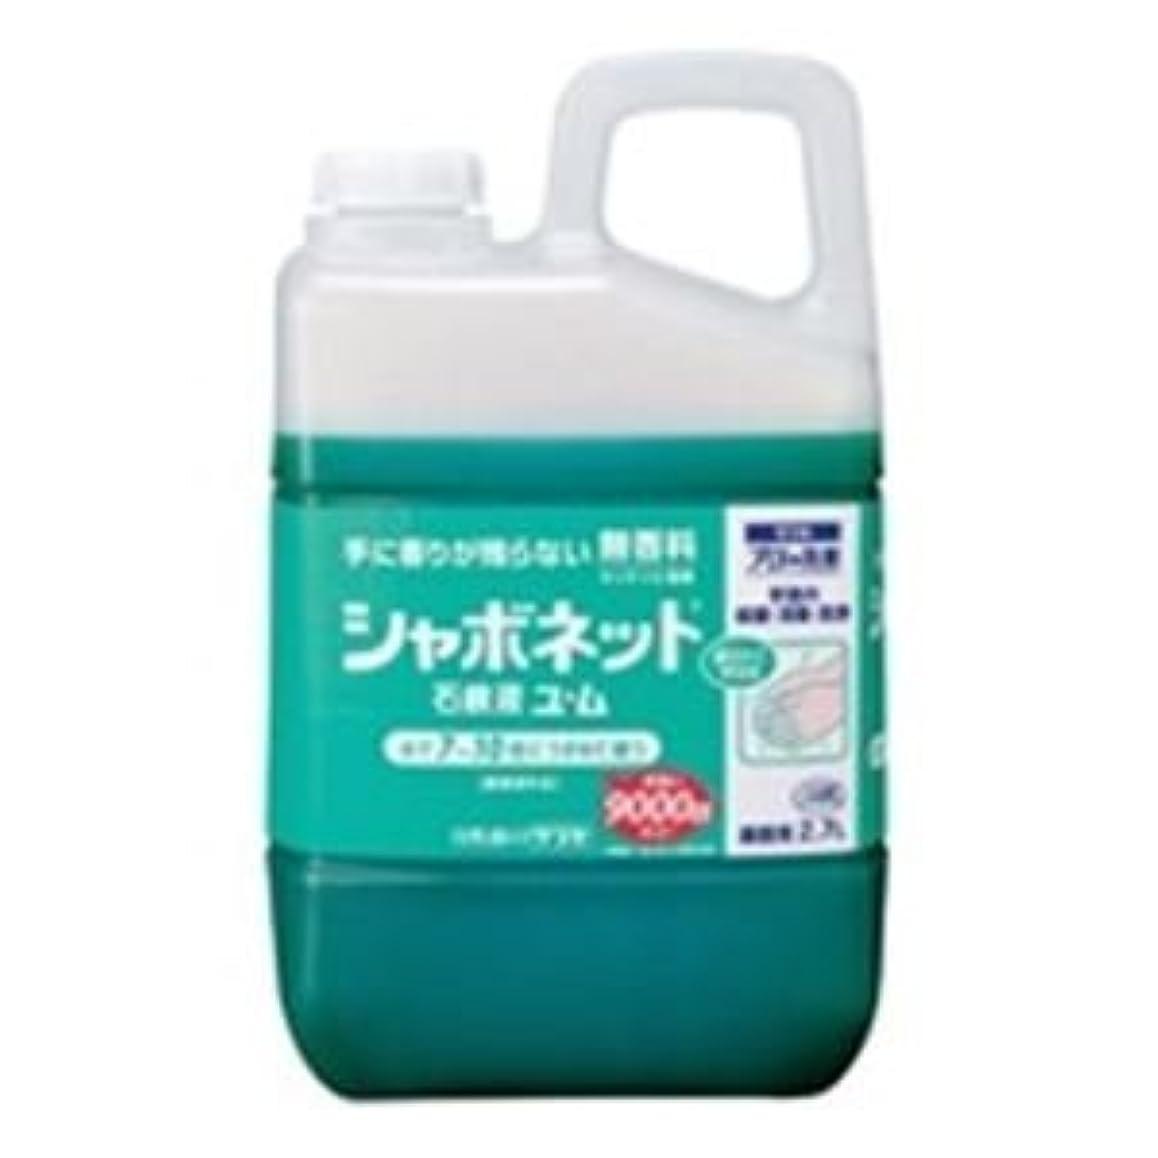 エスカレーター常習的魔術師( お徳用 5セット ) 東京サラヤ シャボネット 石鹸液ユ?ム 2.7L